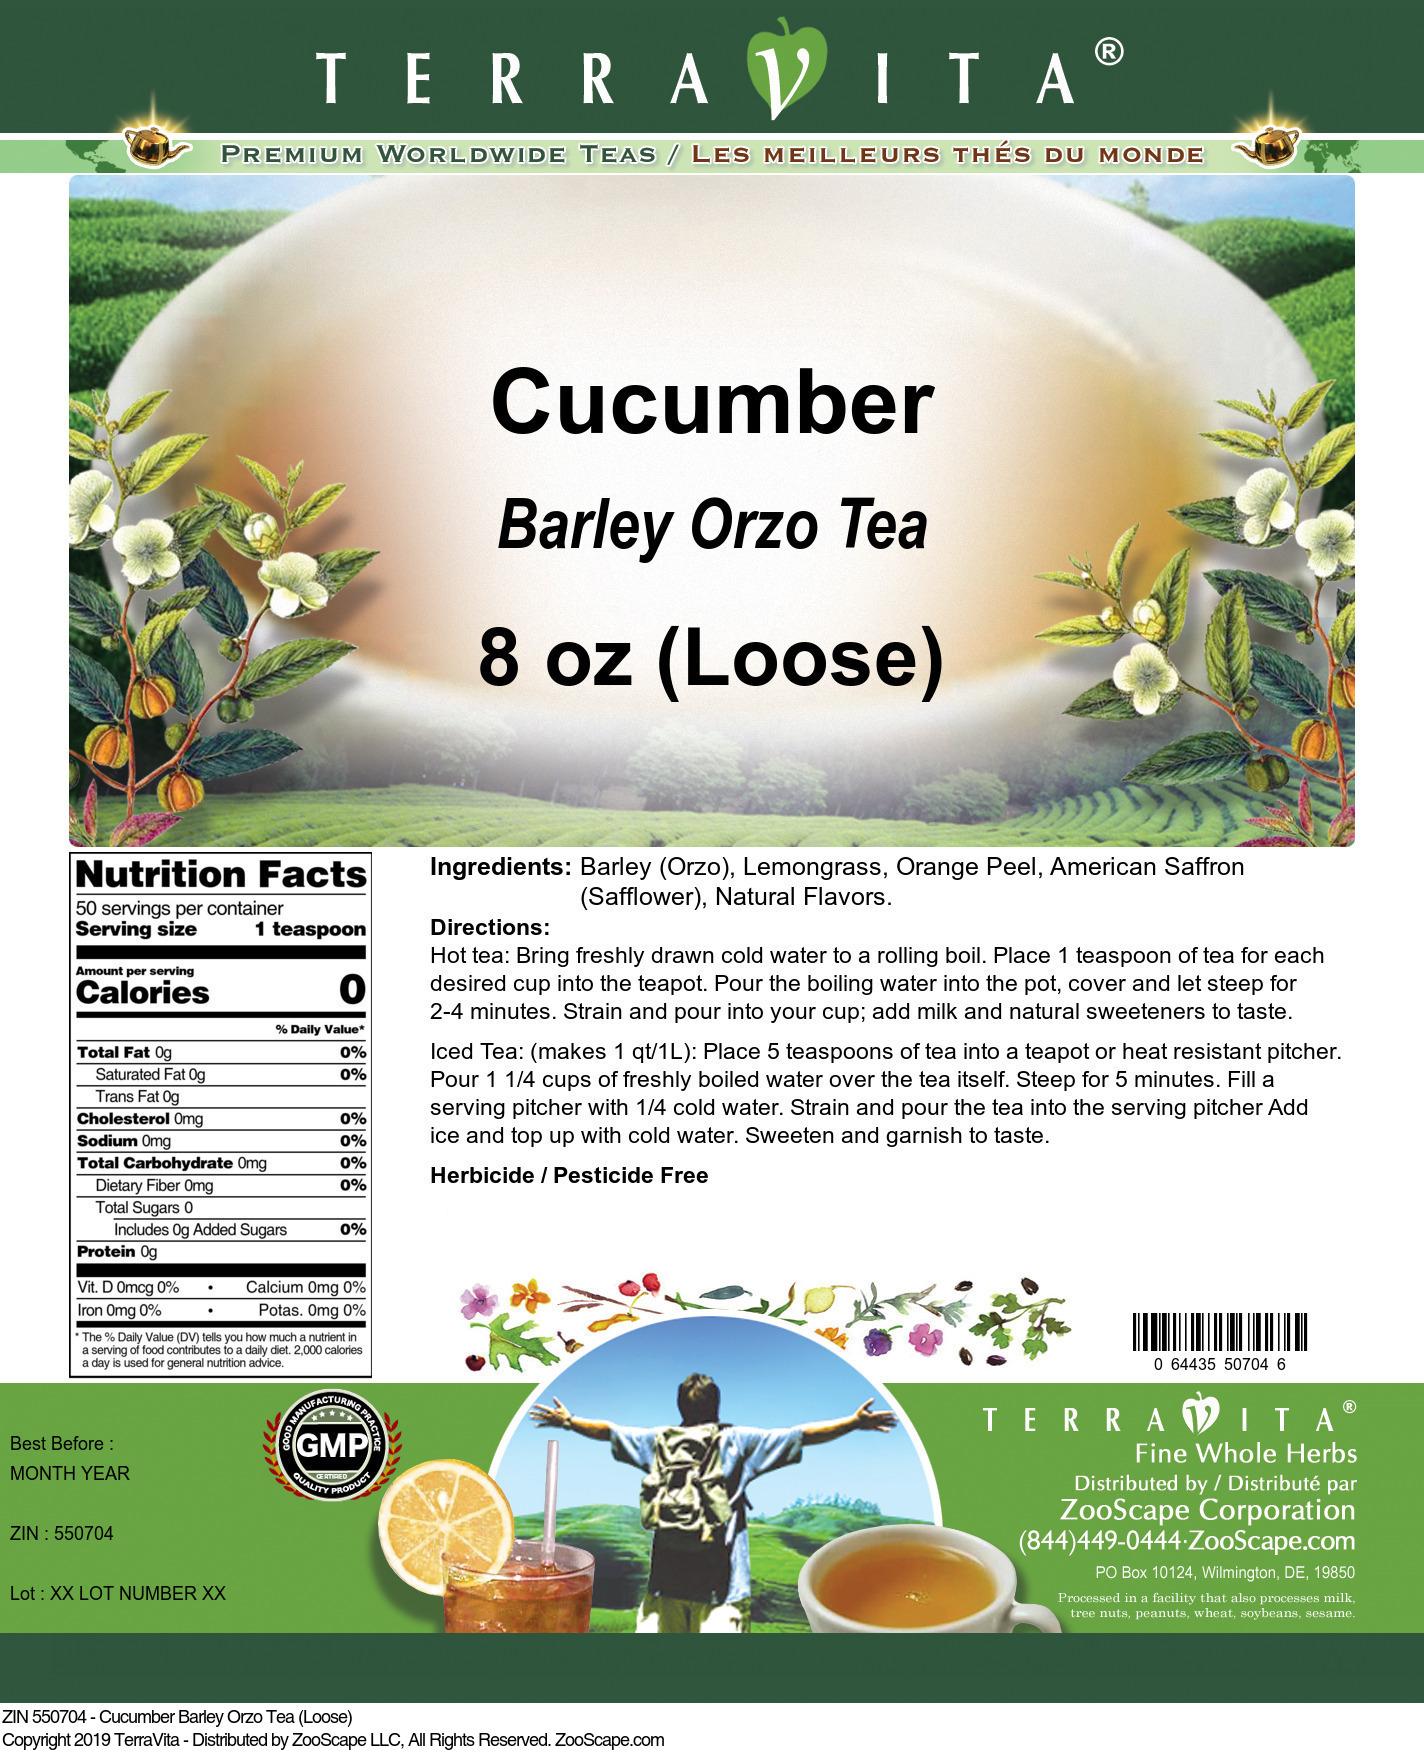 Cucumber Barley Orzo Tea (Loose)